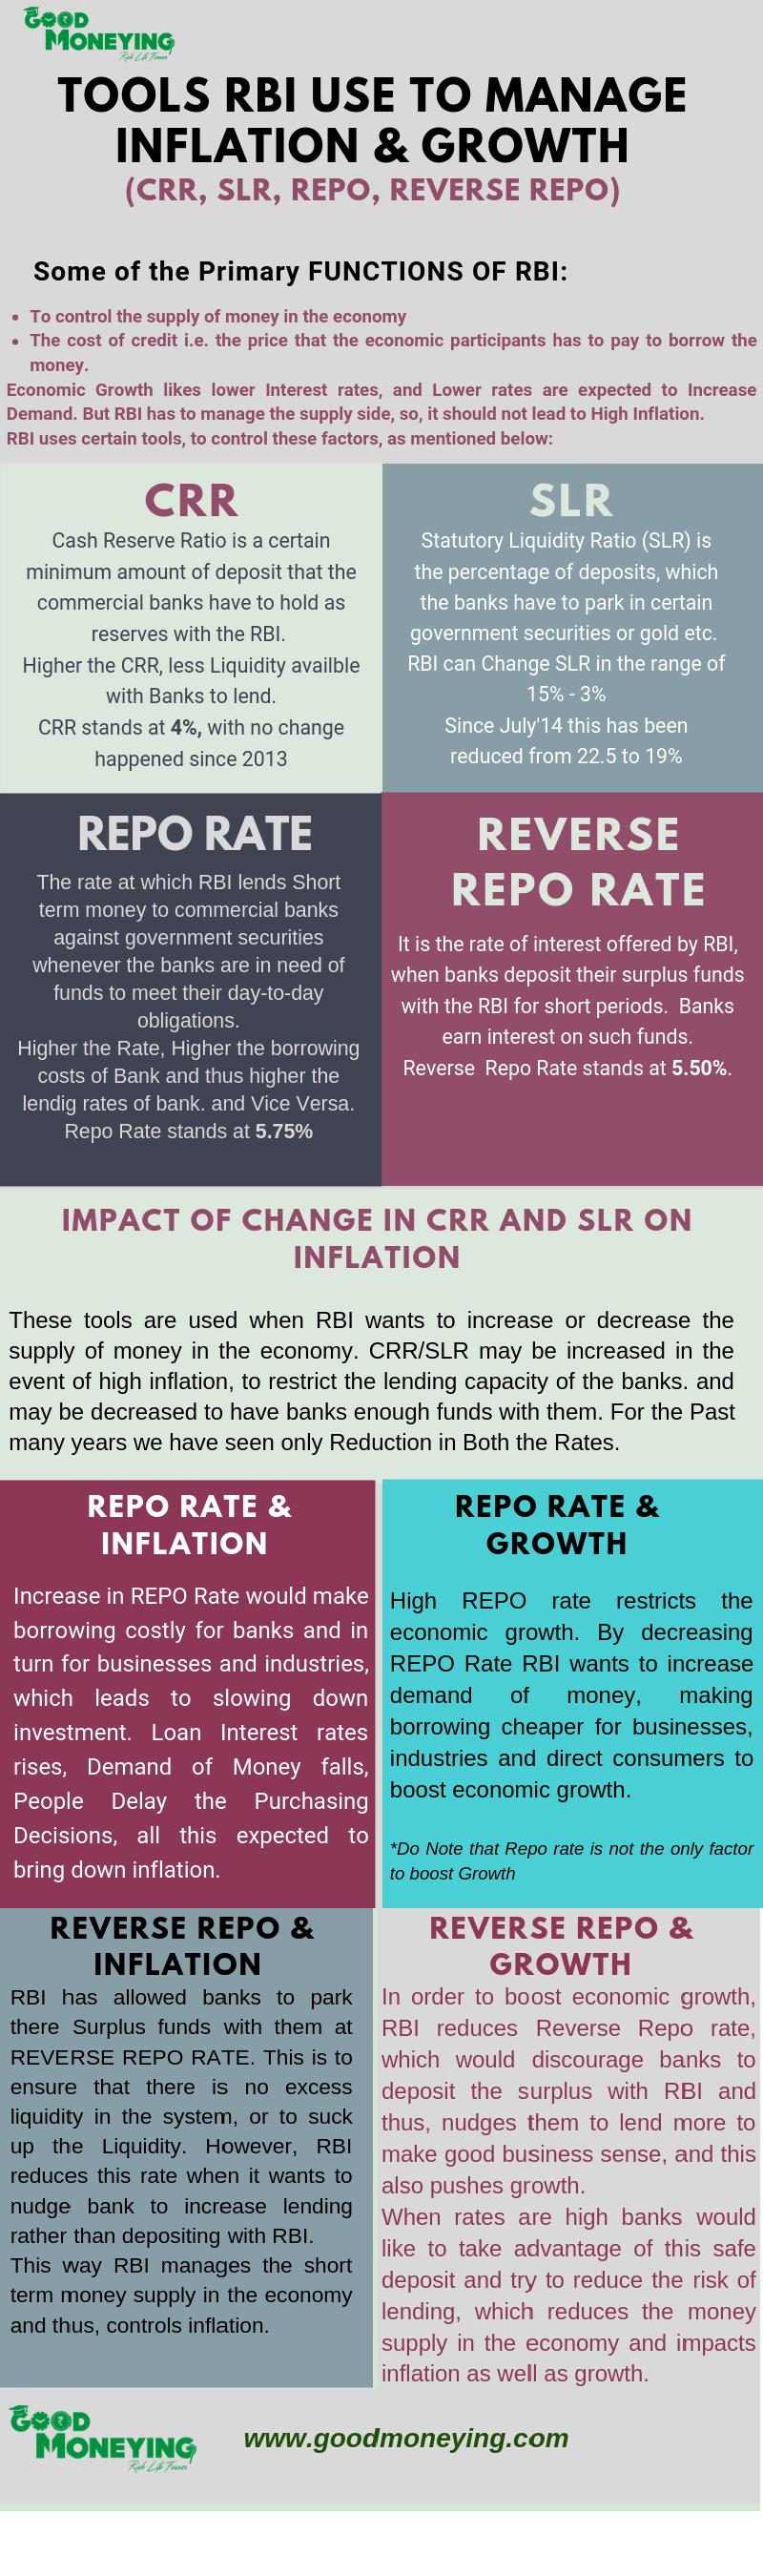 CRR, SLR, REpo rate, Reverse repo rate